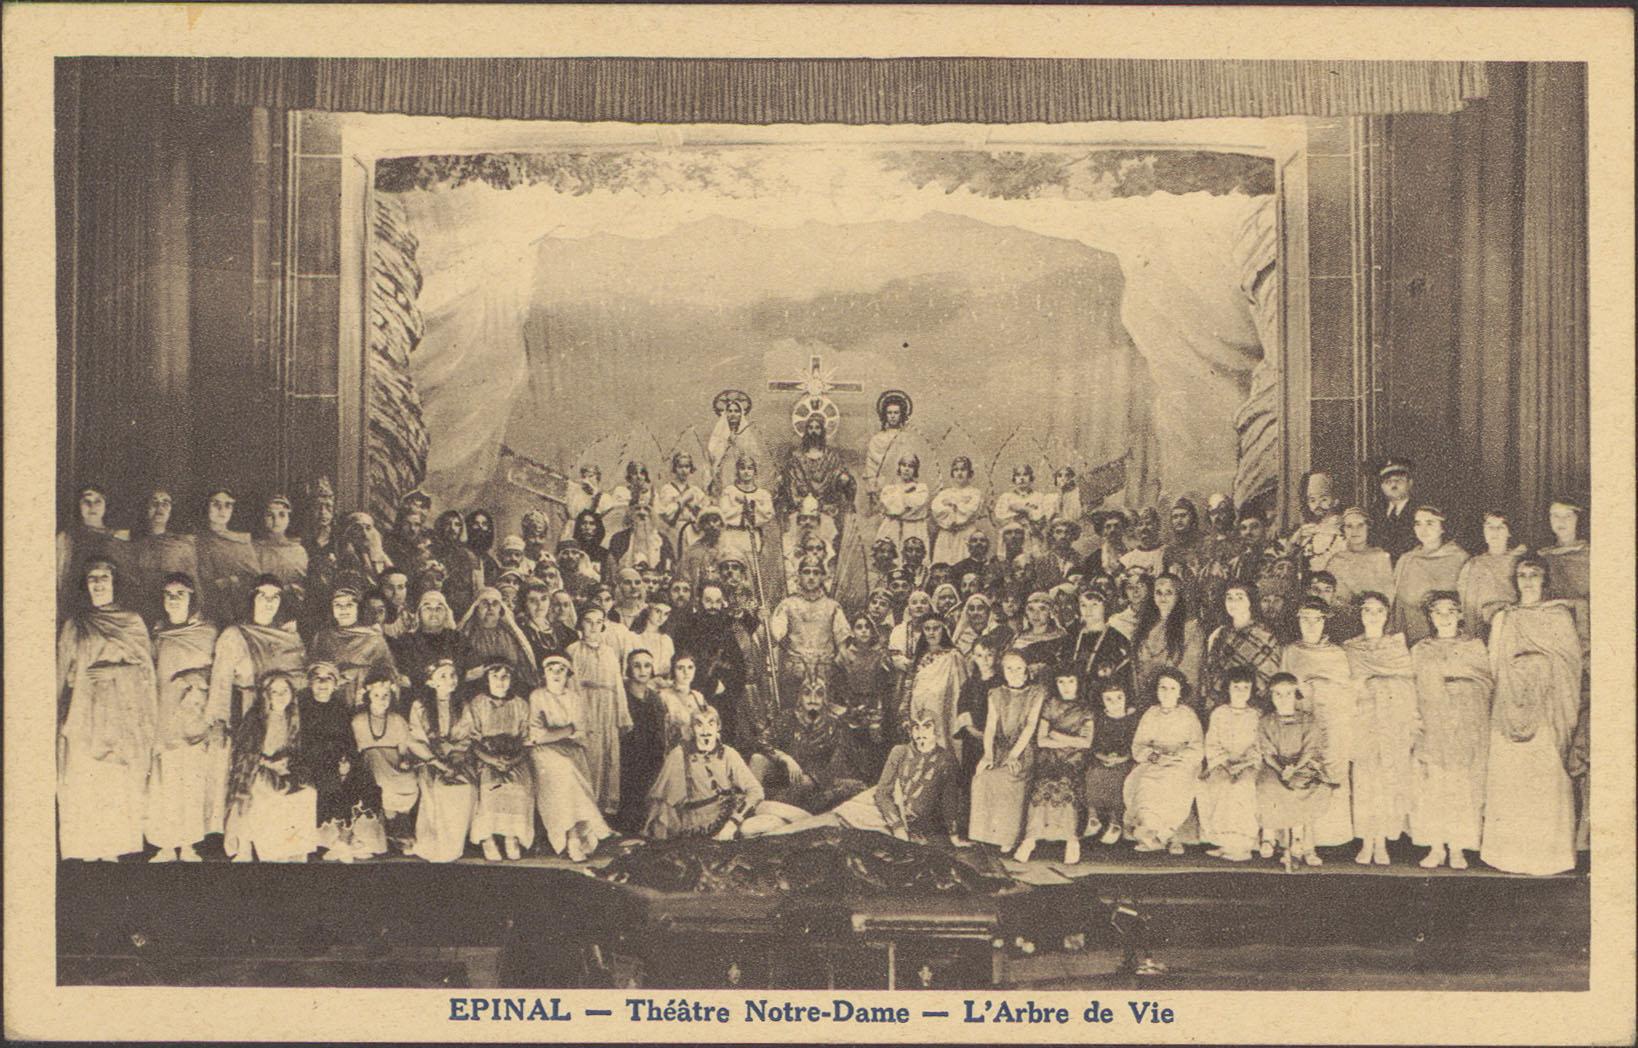 Contenu du Épinal, Théâtre Notre-Dame, L'Arbre de Vie